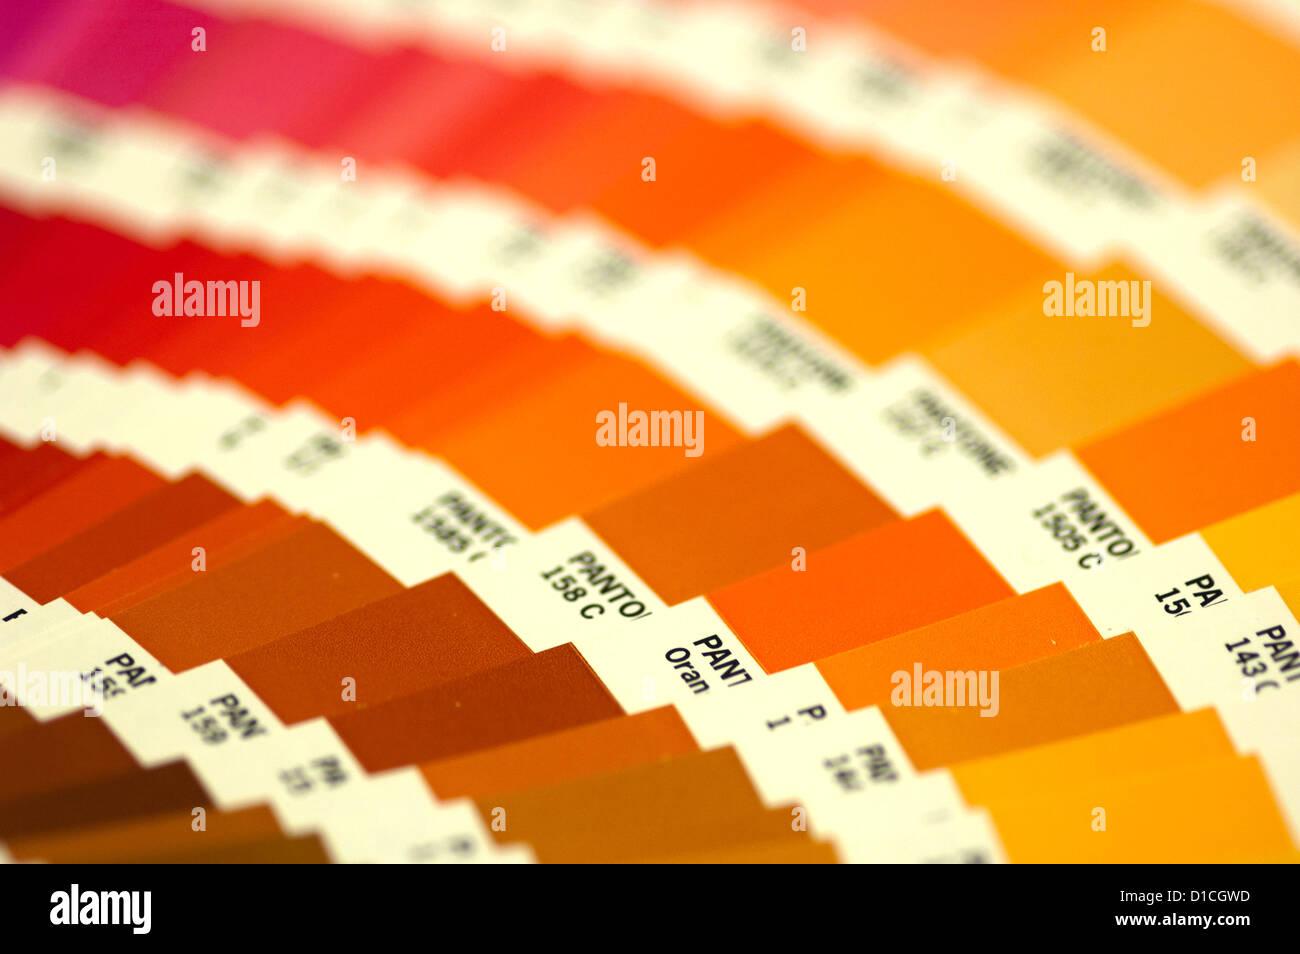 Pantone Imágenes De Stock & Pantone Fotos De Stock - Alamy